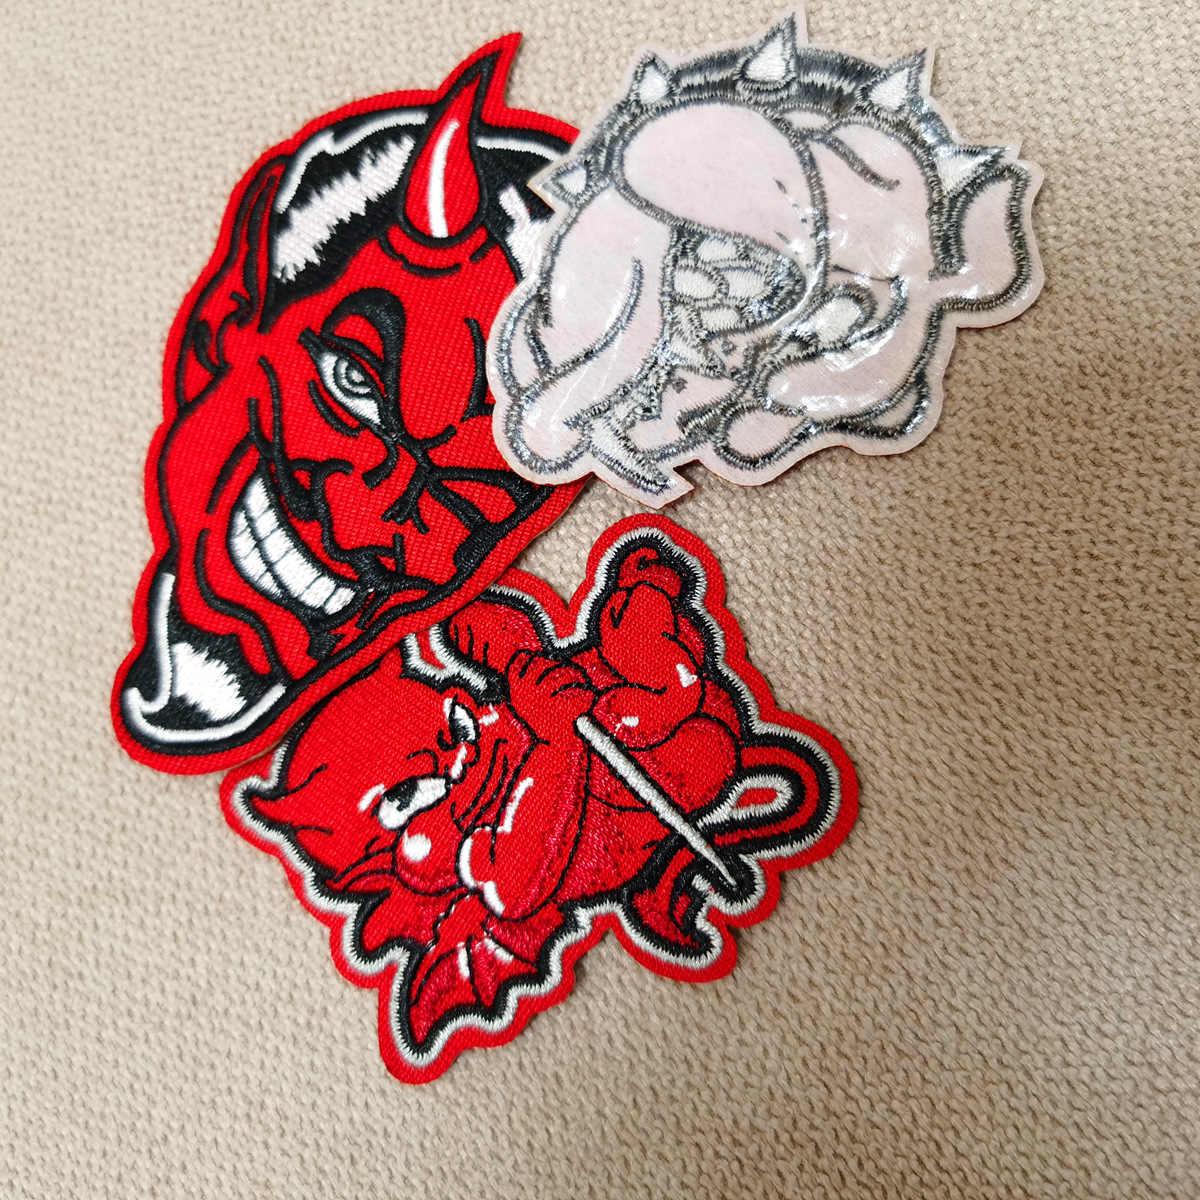 Neue Ankunft Rot Schädel Teufel Eisen auf Patches von Kleidung Zubehör Stoff Patch Aufkleber Stickerei Klebe Großhandel